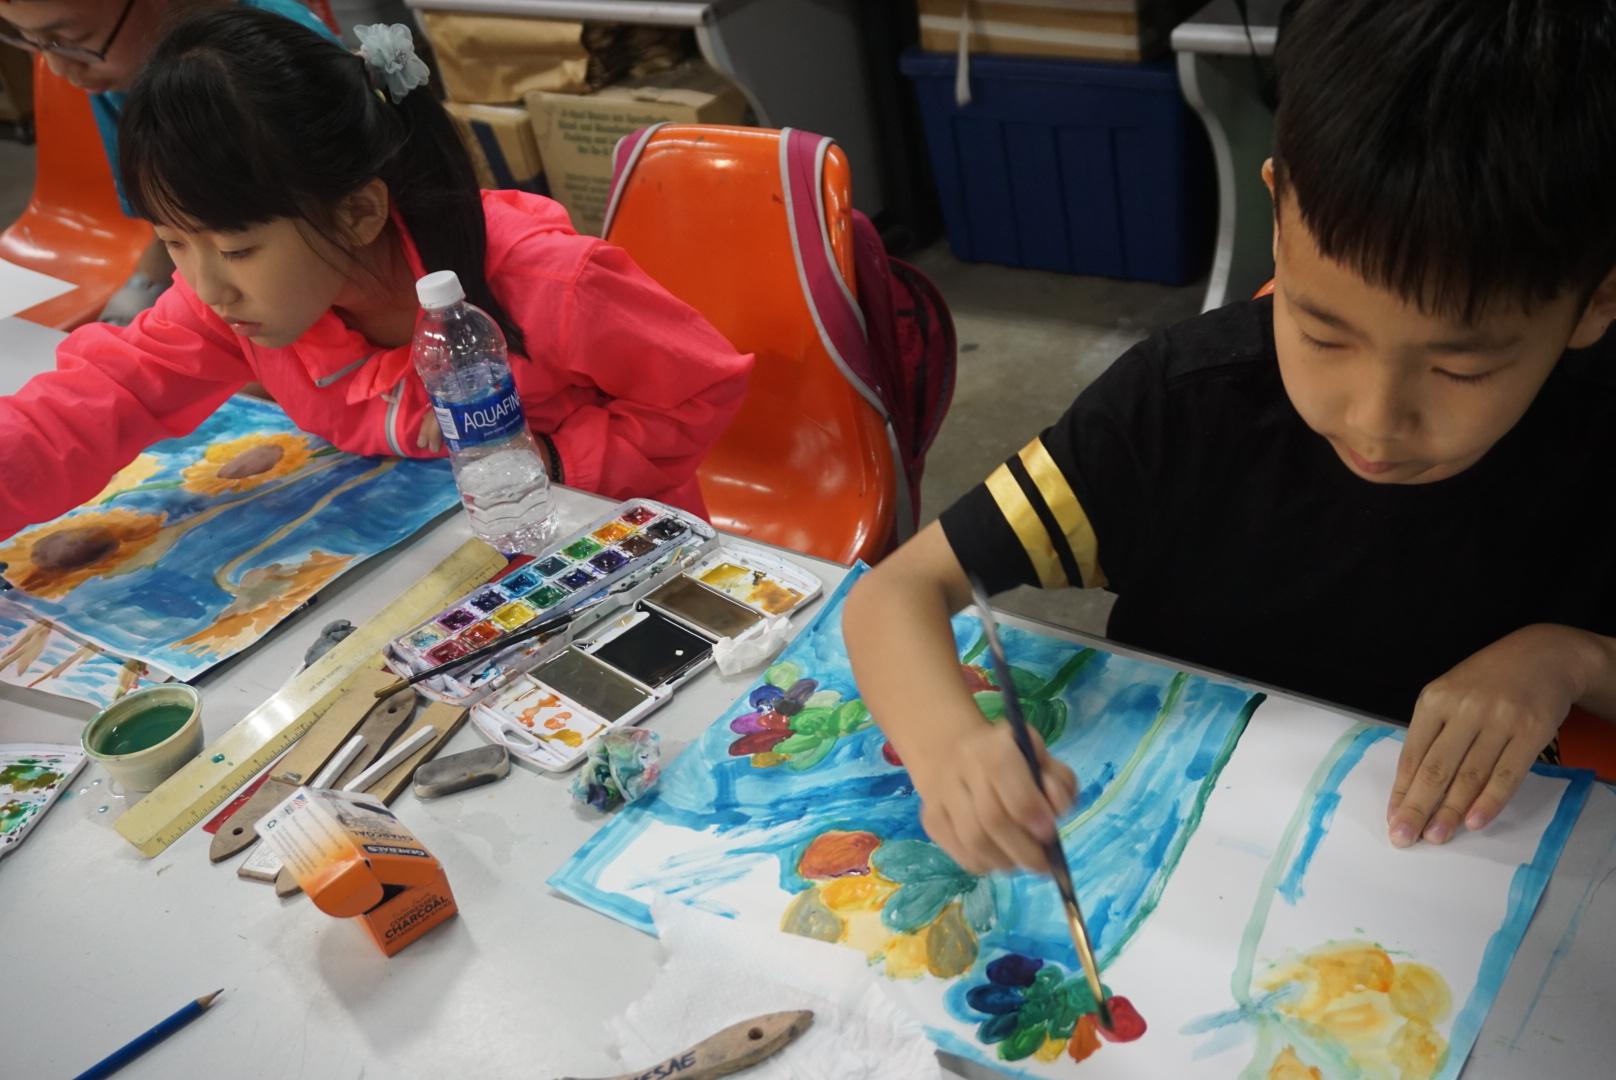 2017美國游學日記·洛杉磯中小學營之繪畫課